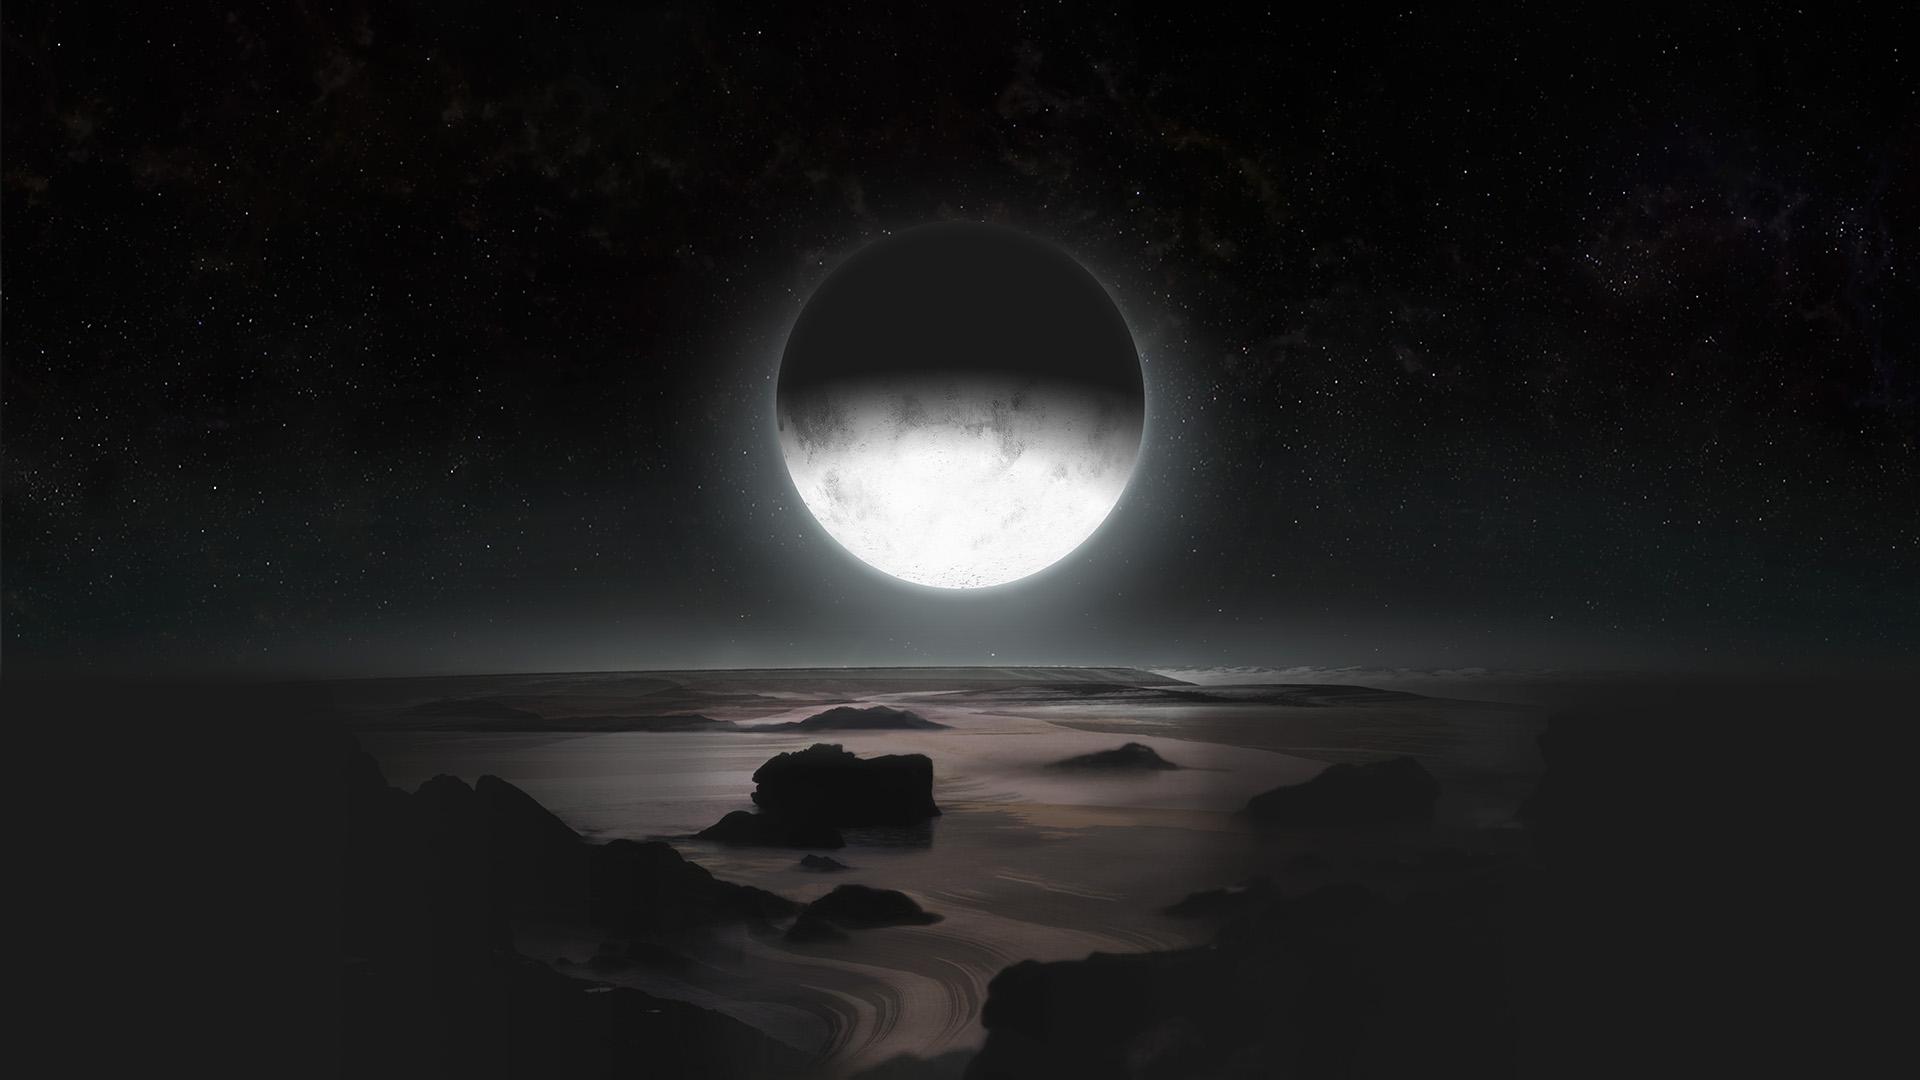 nh-pluto-moonlight.jpg